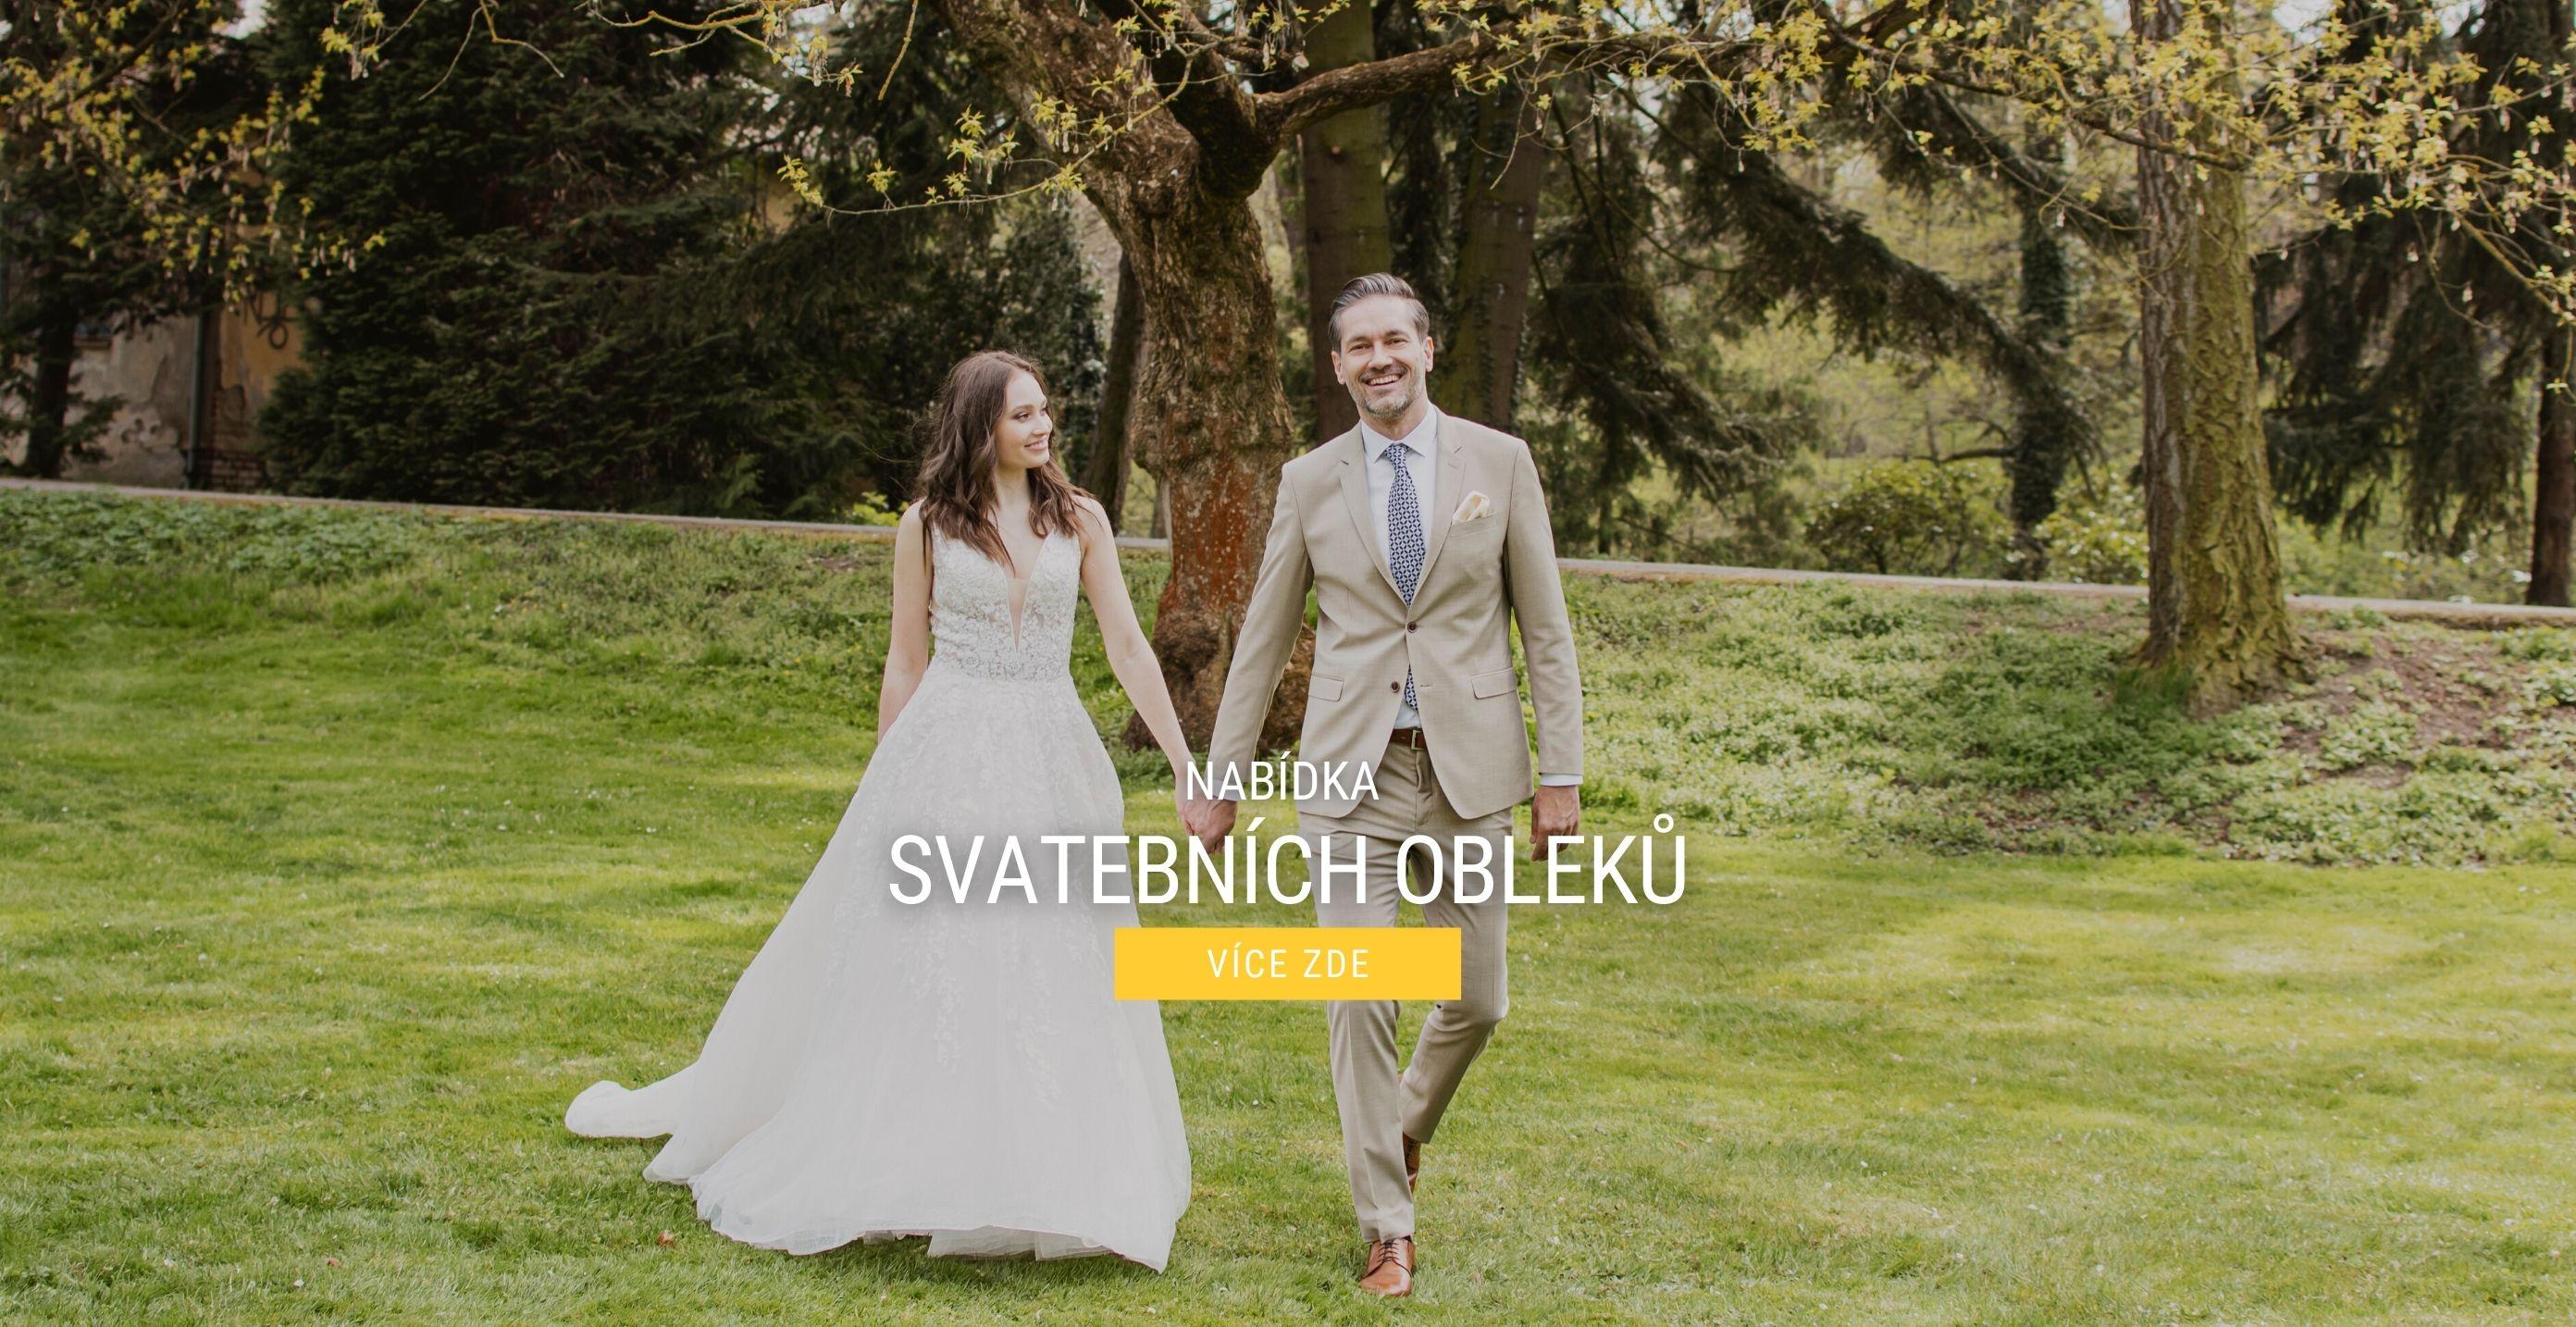 Nabídka svatebních obleků